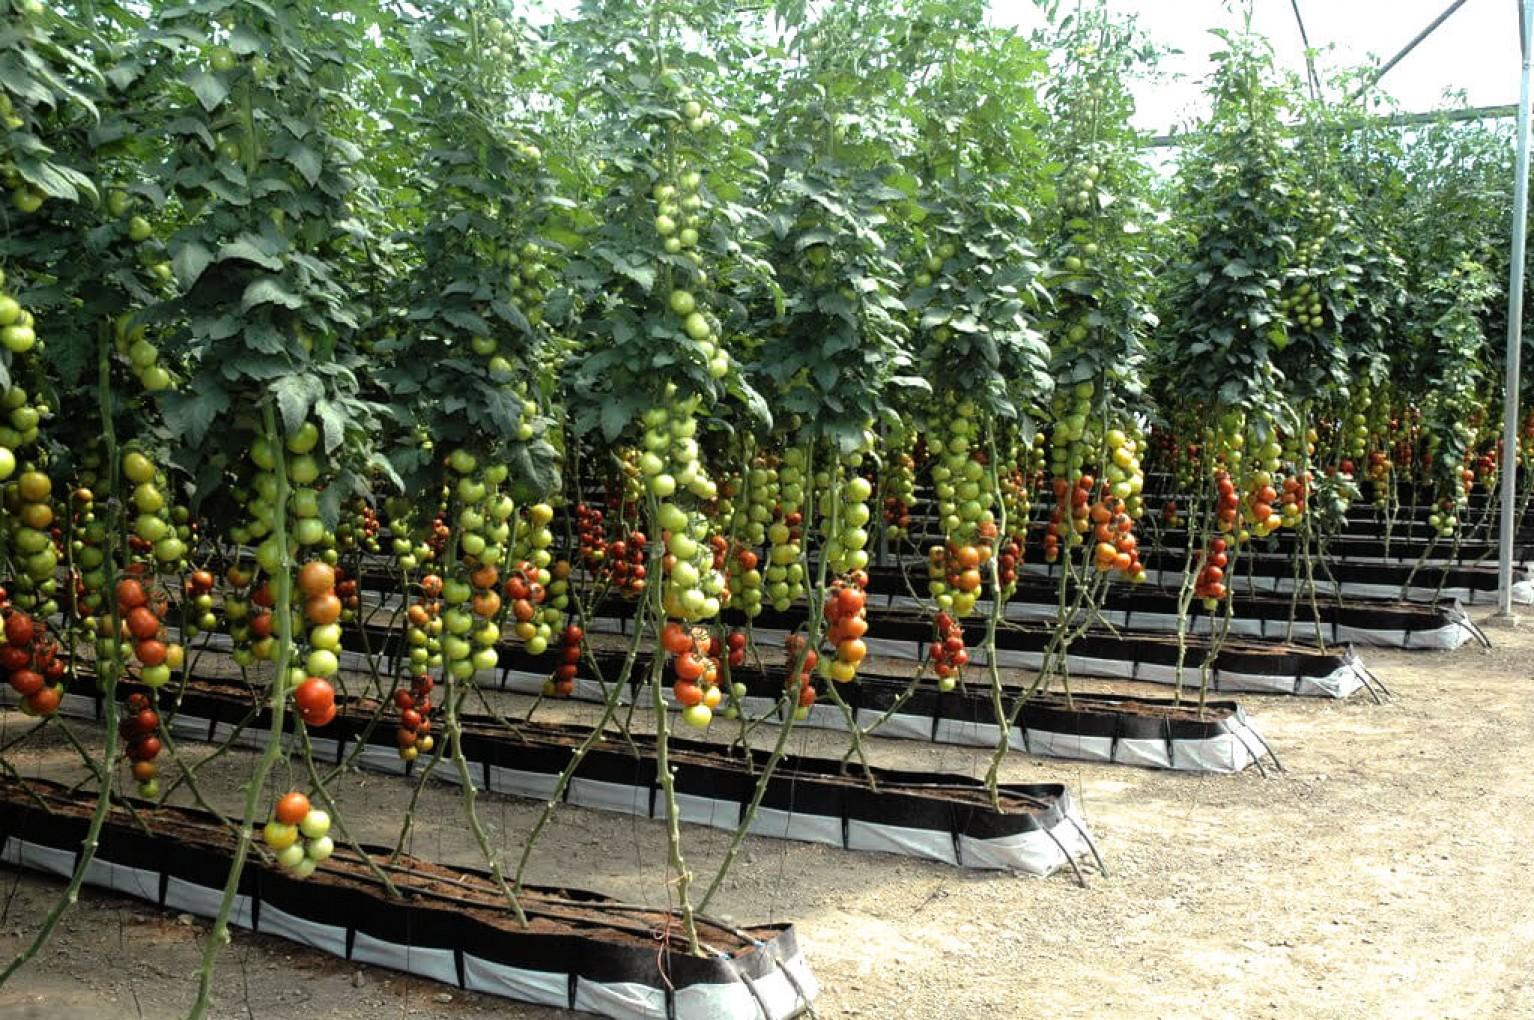 Помидоры на гидропонике: технология выращивания, лучшие сорта и удобрения